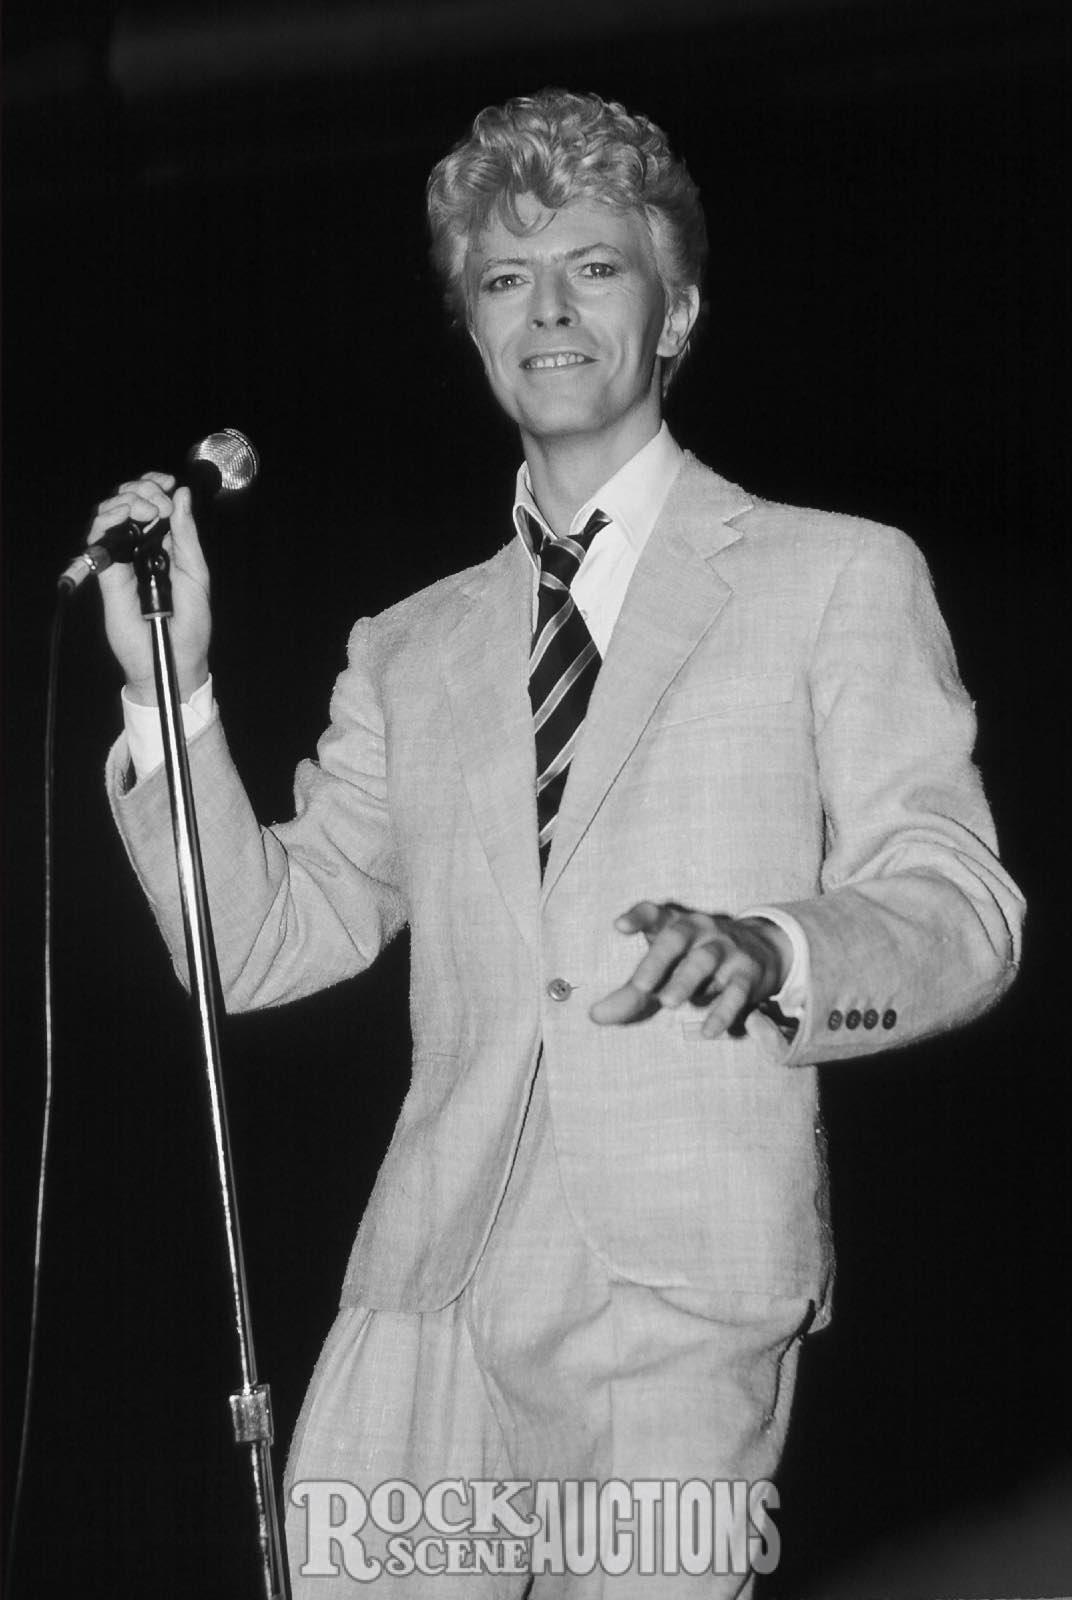 Rsa 265 Alford David Bowie 1983